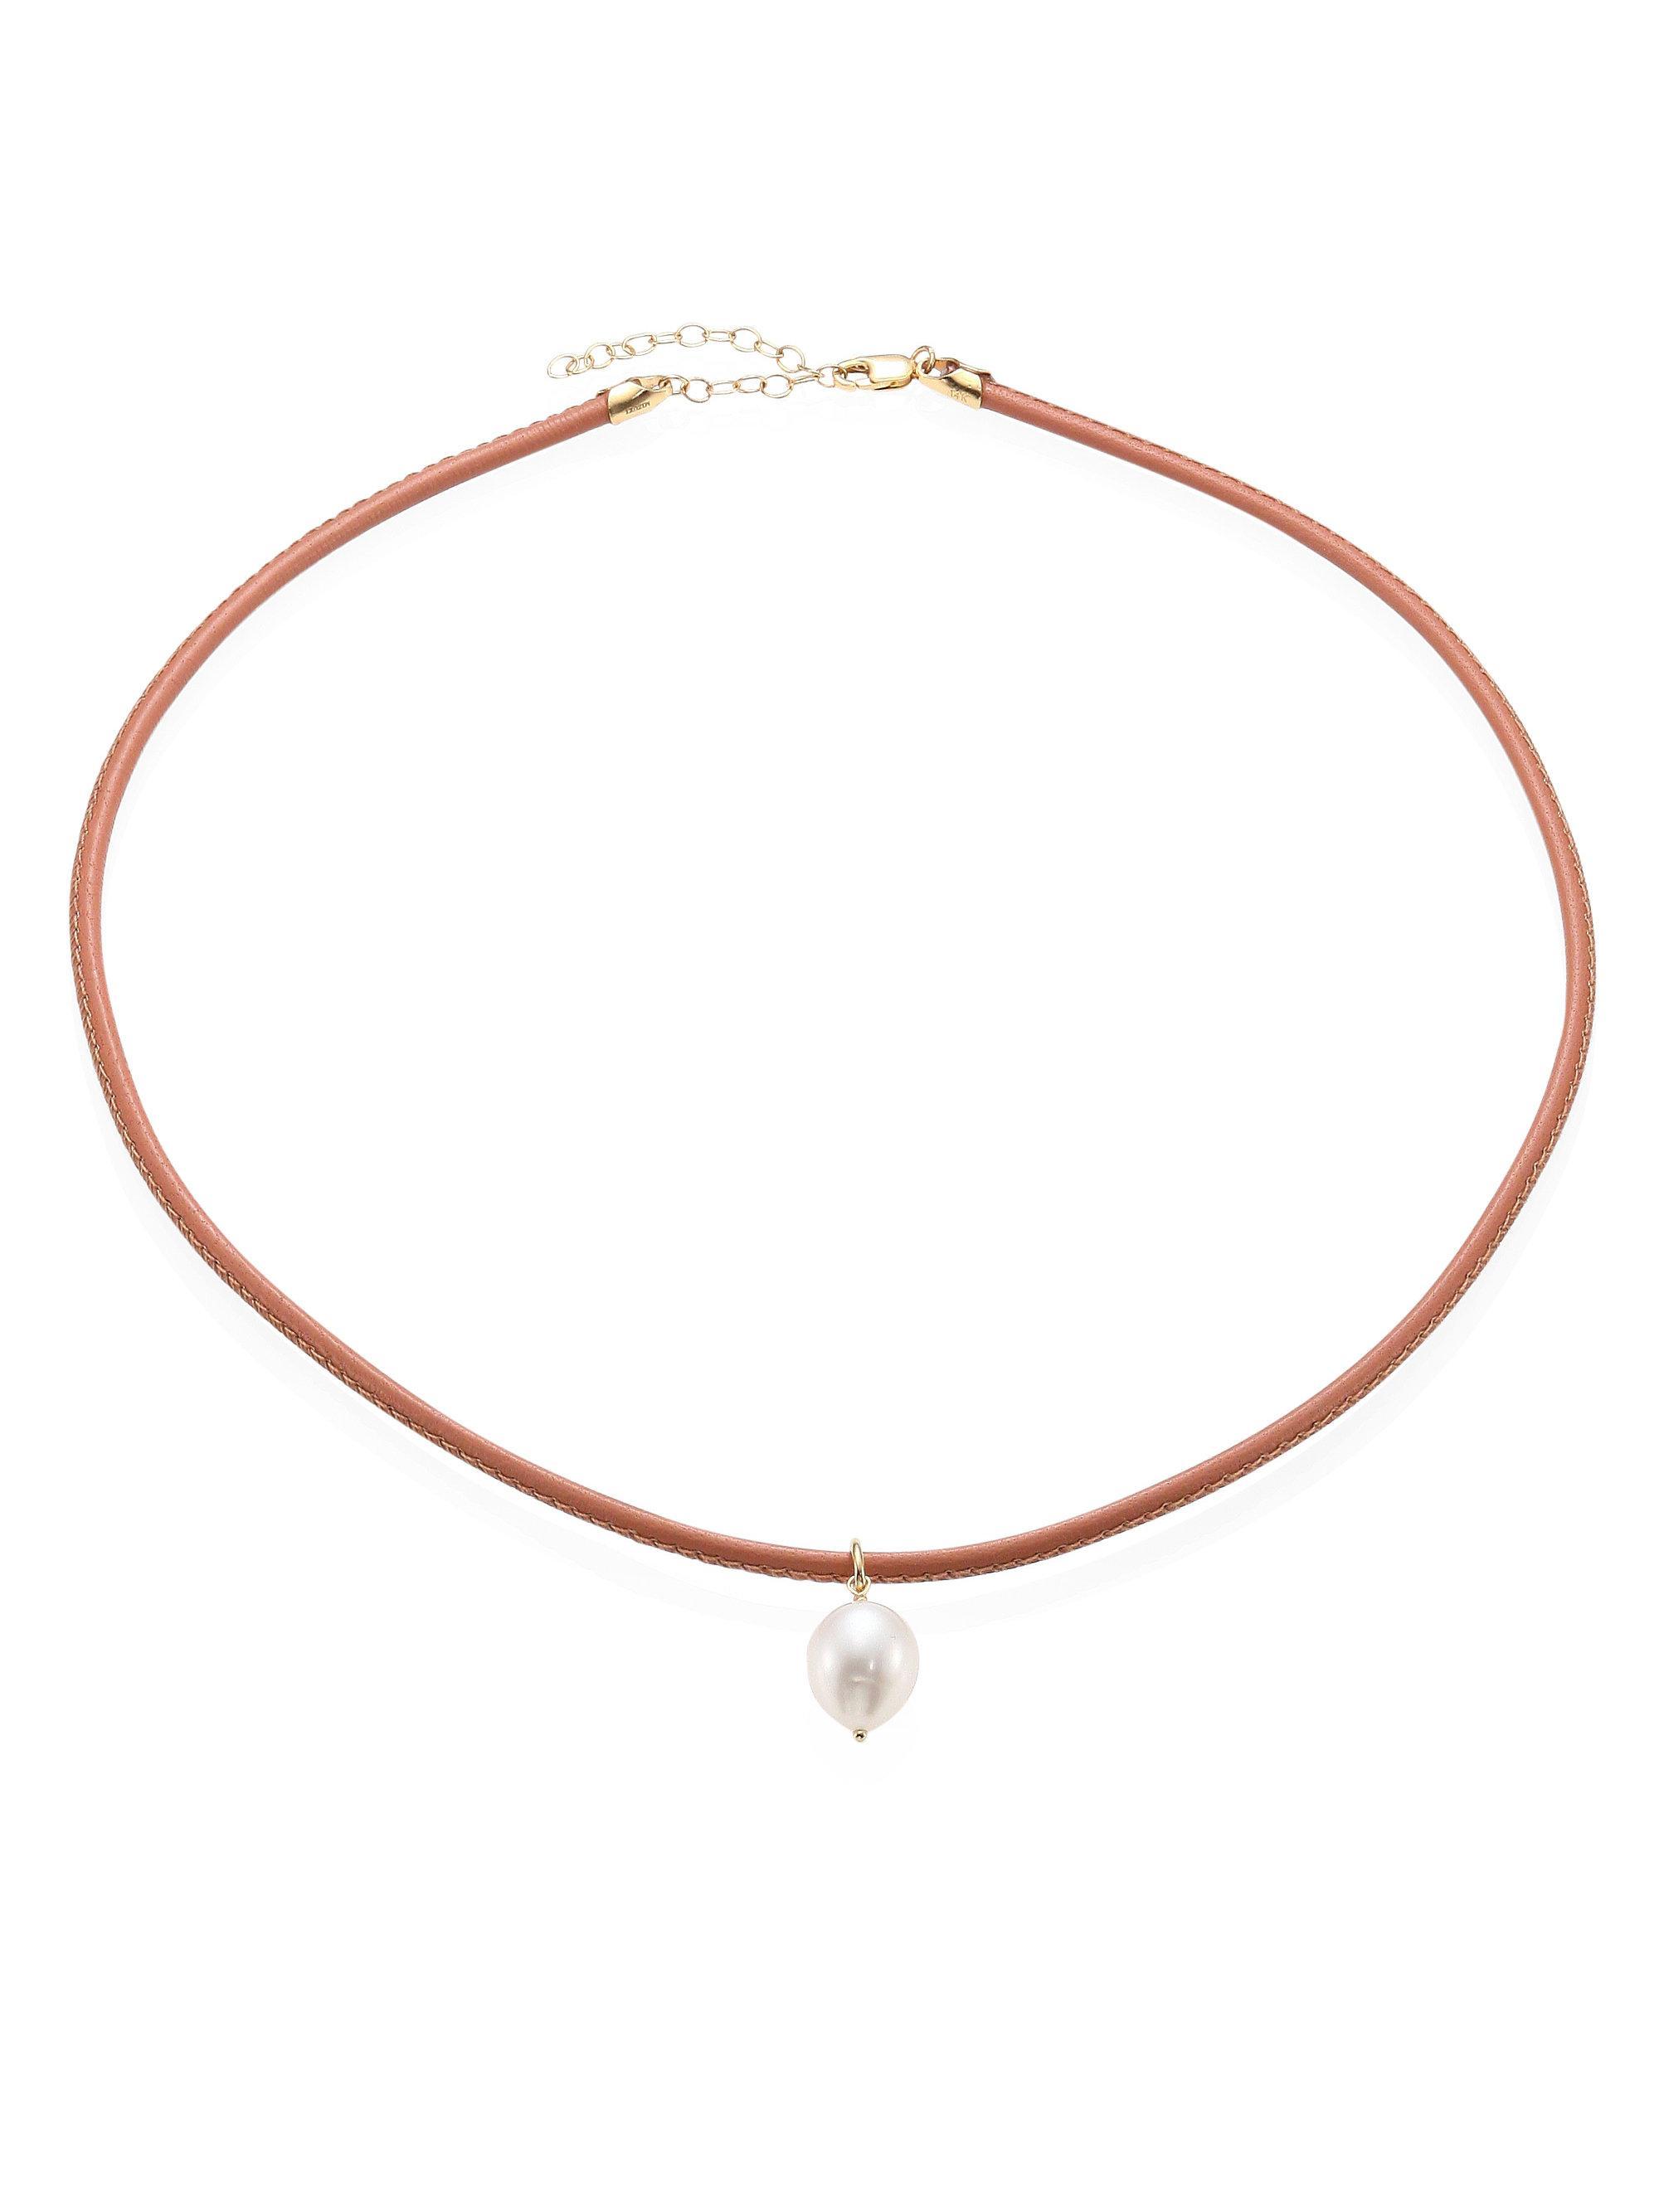 Mizuki Medium Single Pearl Collar Necklace oUm4uC61m